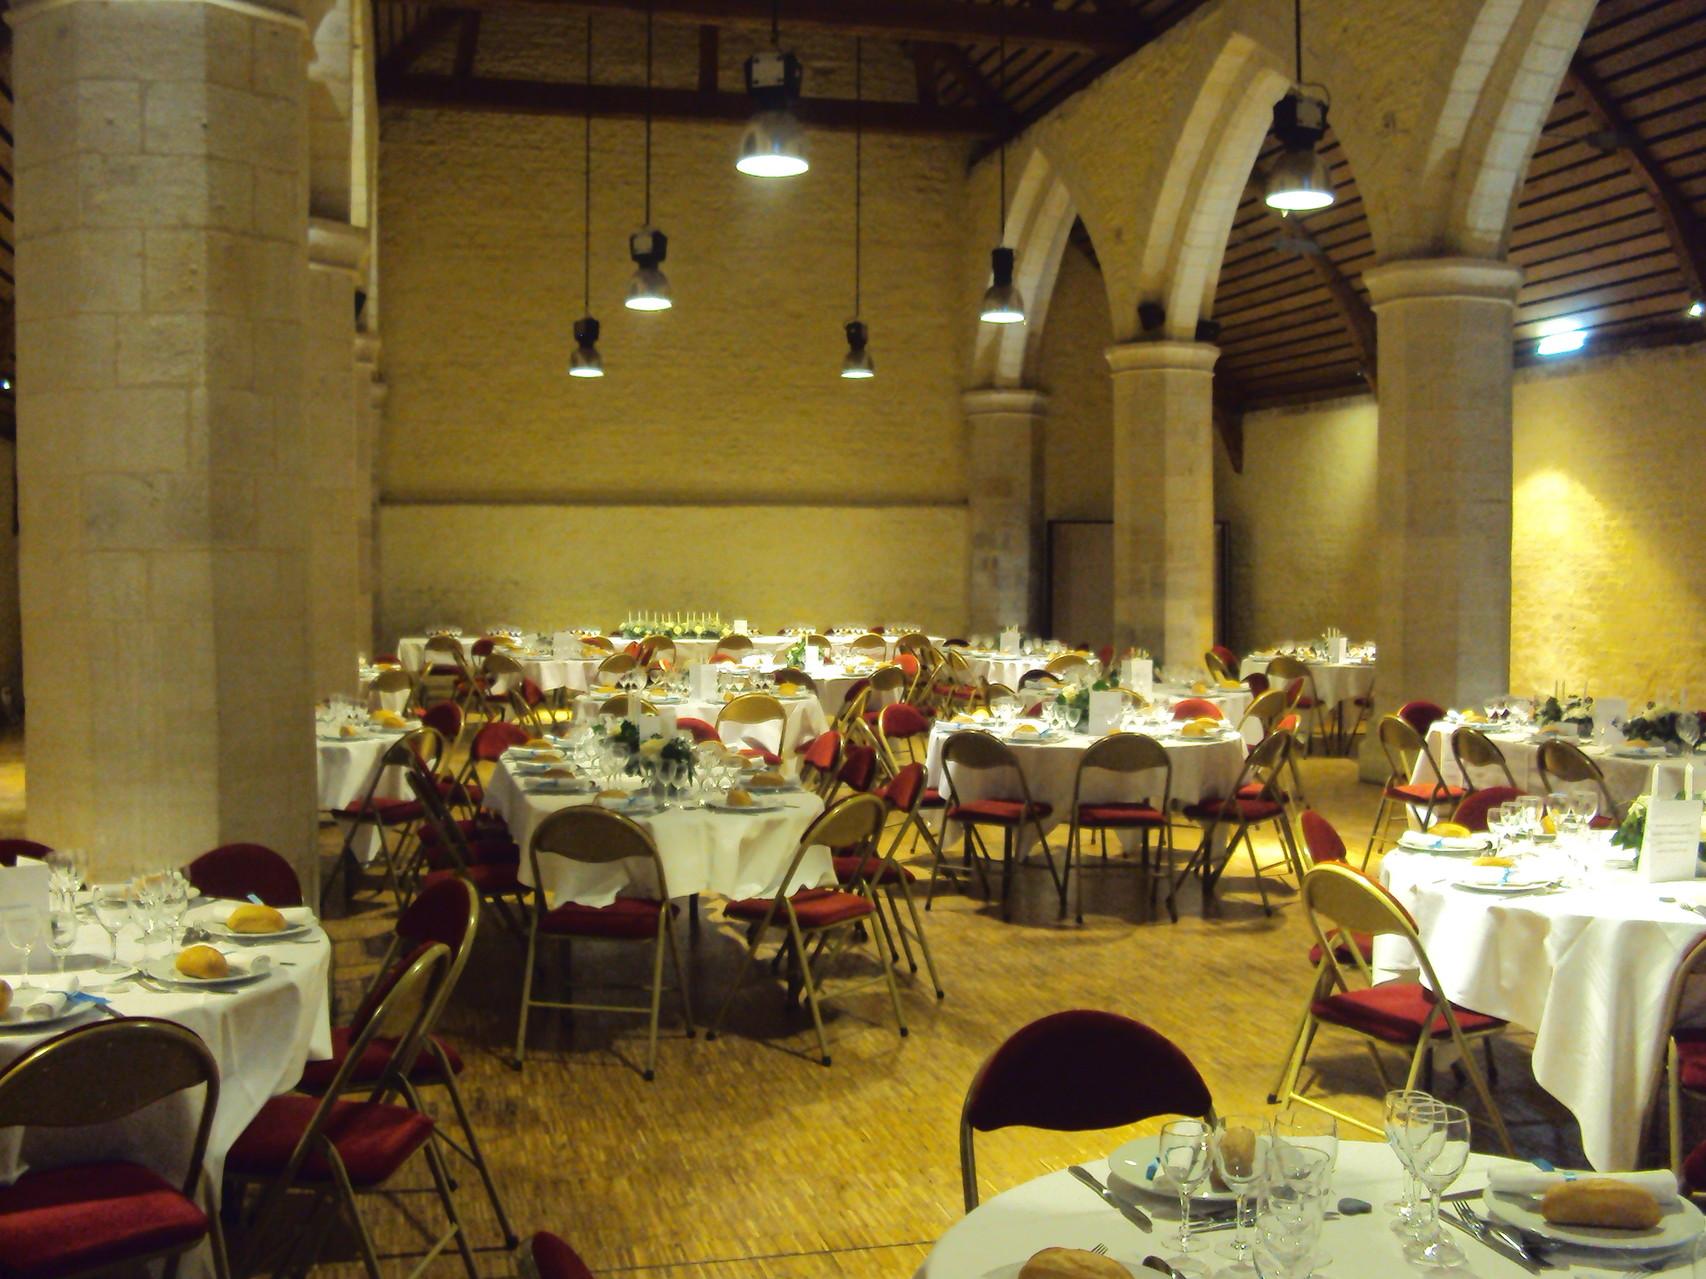 MARIAGE DANET TRAITEUR- Décor de tables et présentation de salle